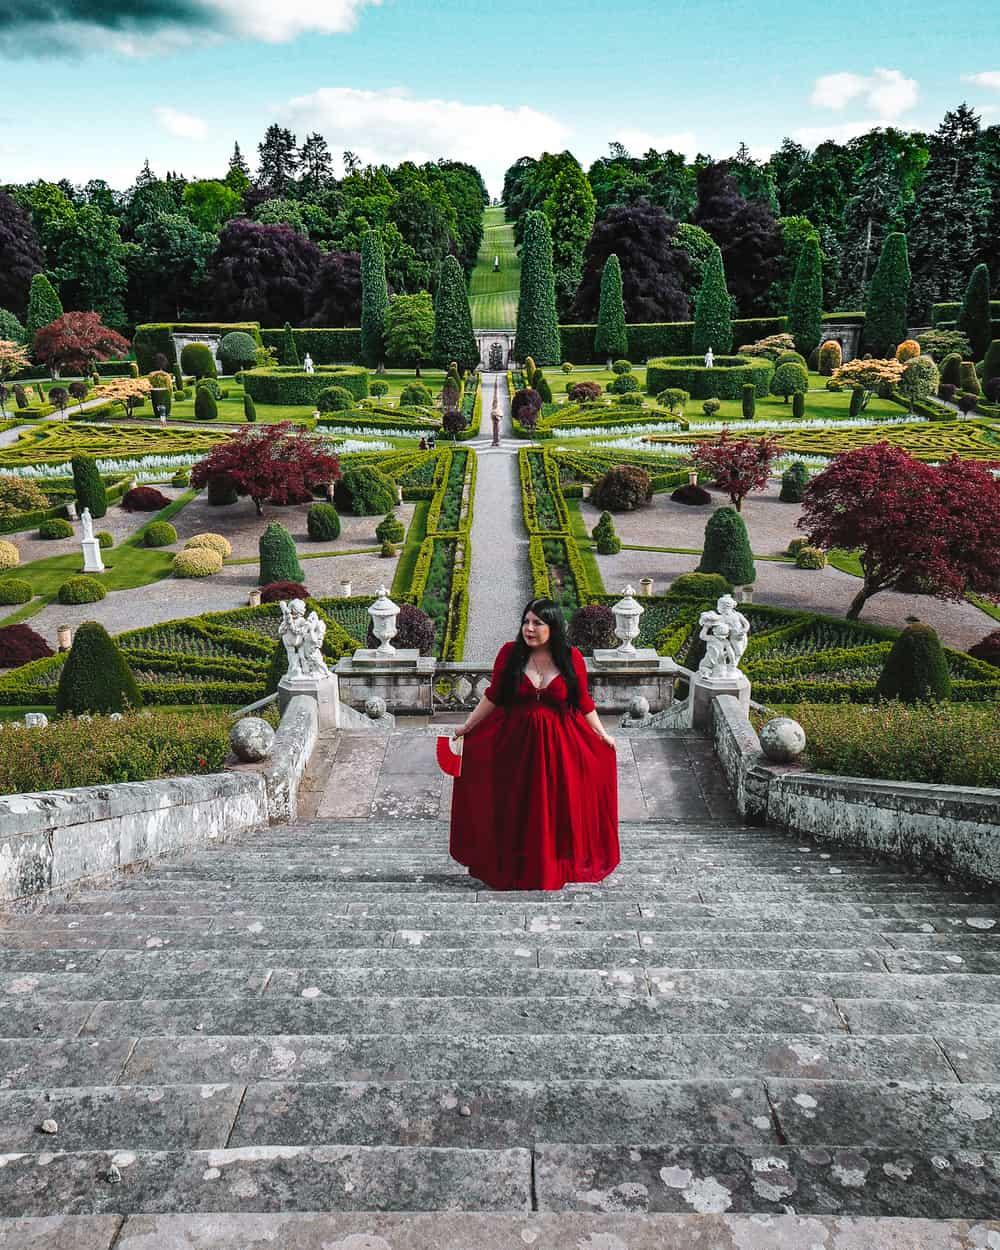 Drummond Castle Gardens in Outlander